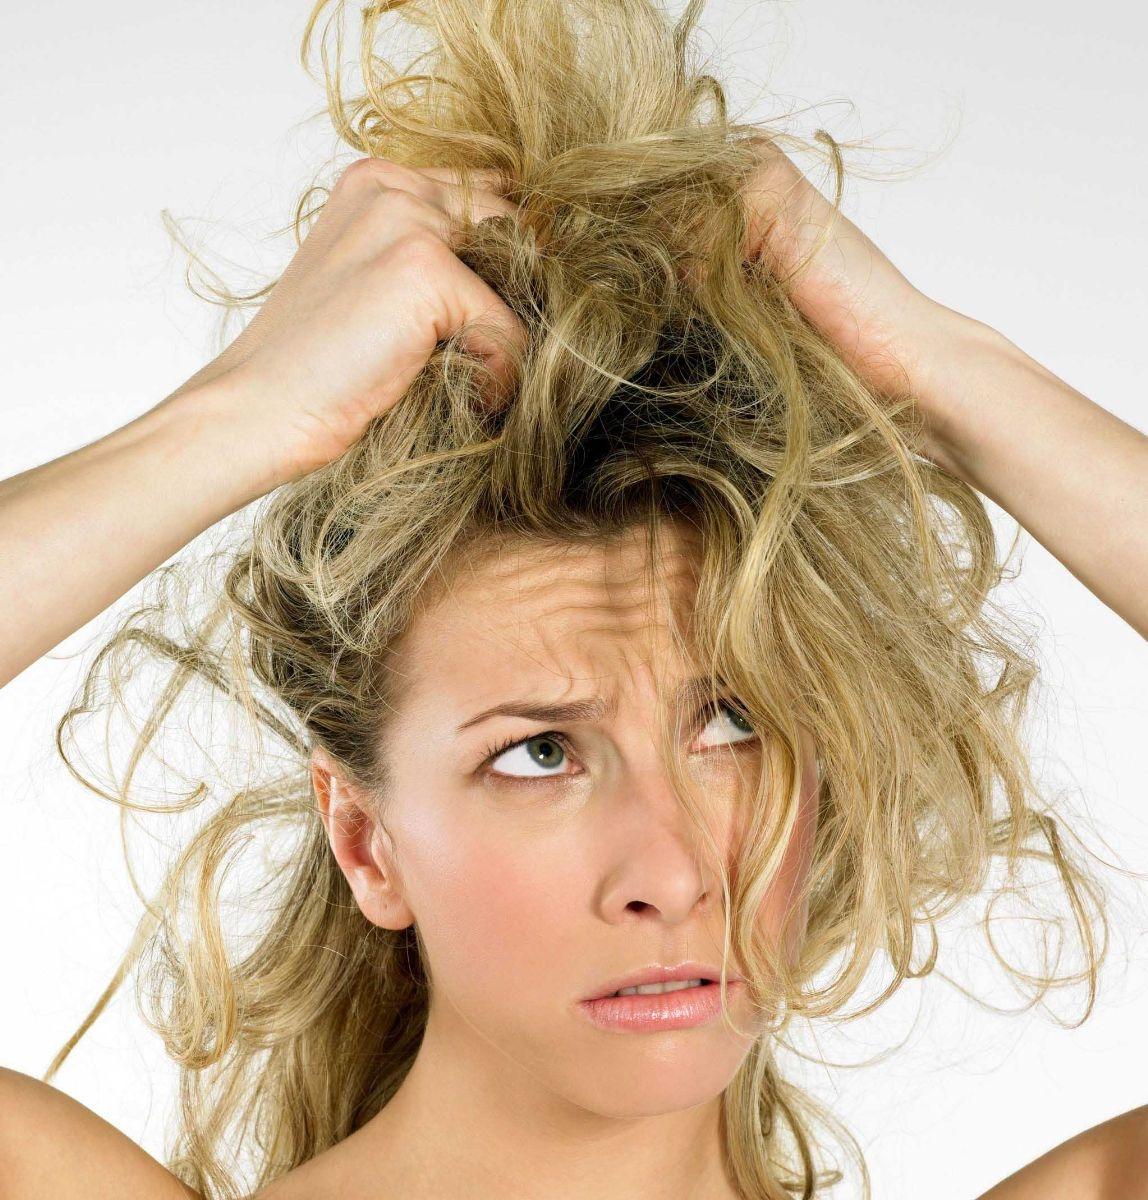 [Bạn biết chưa] Mặt nạ dành cho tóc cực kỳ hiệu quả và đơn giản